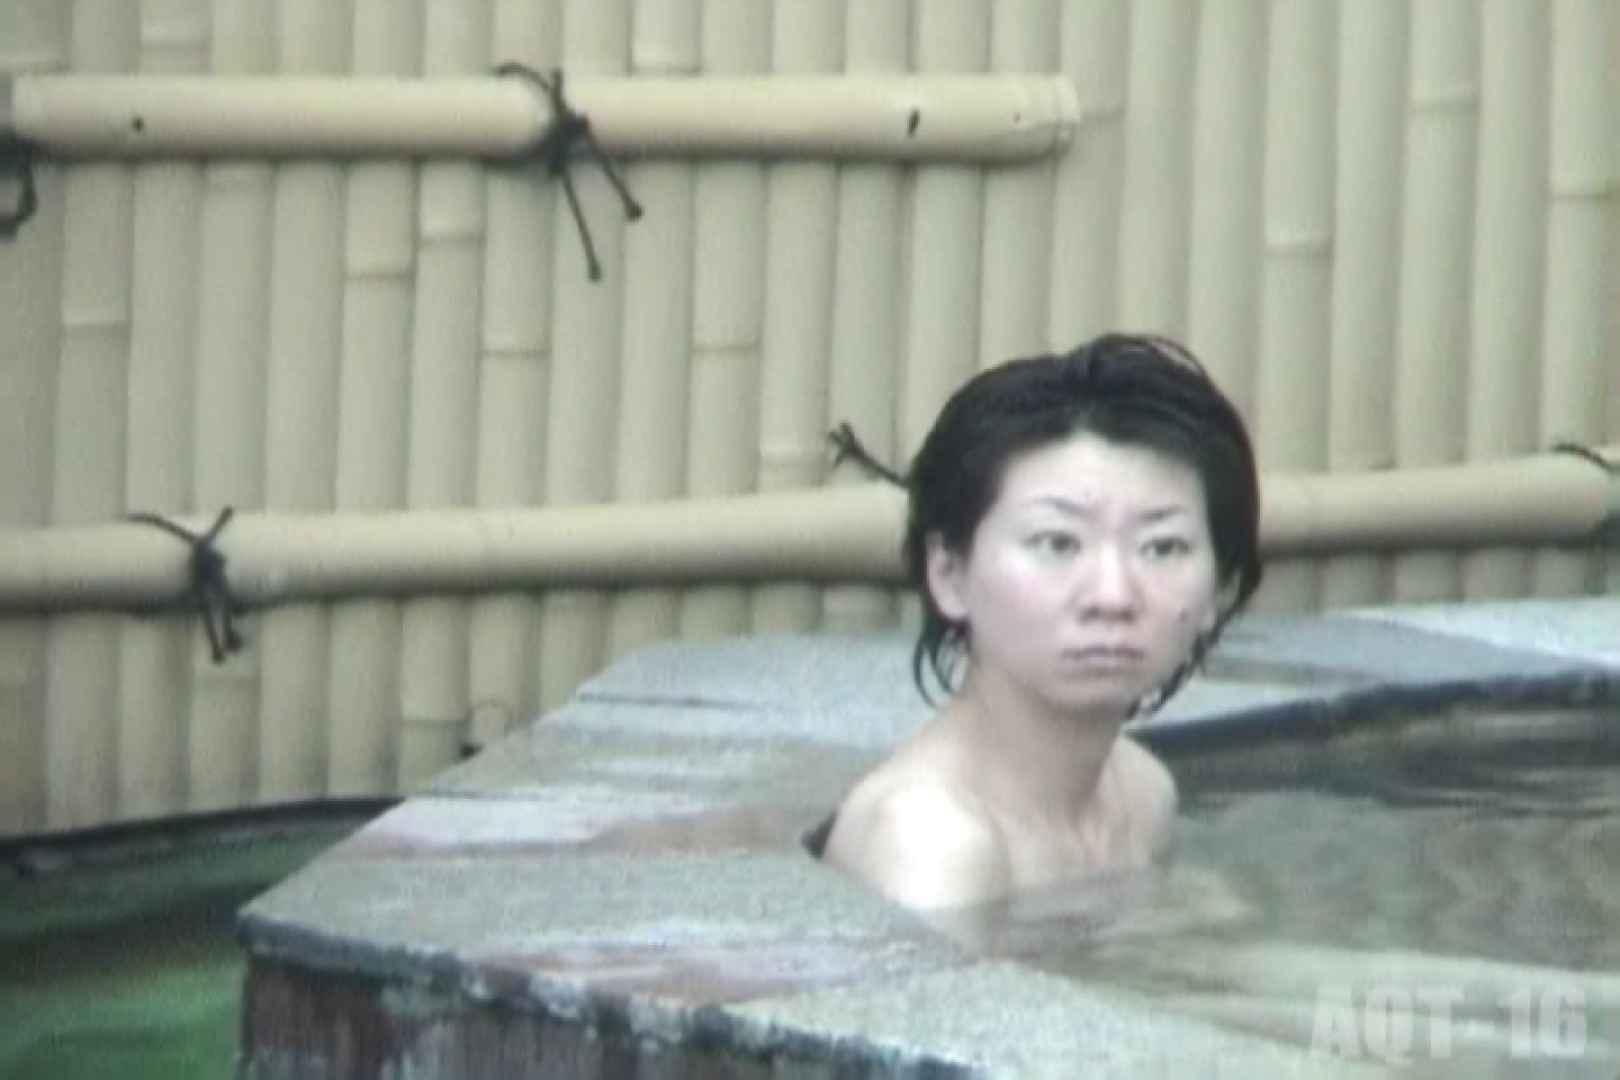 Aquaな露天風呂Vol.842 盗撮師作品   美しいOLの裸体  96pic 34